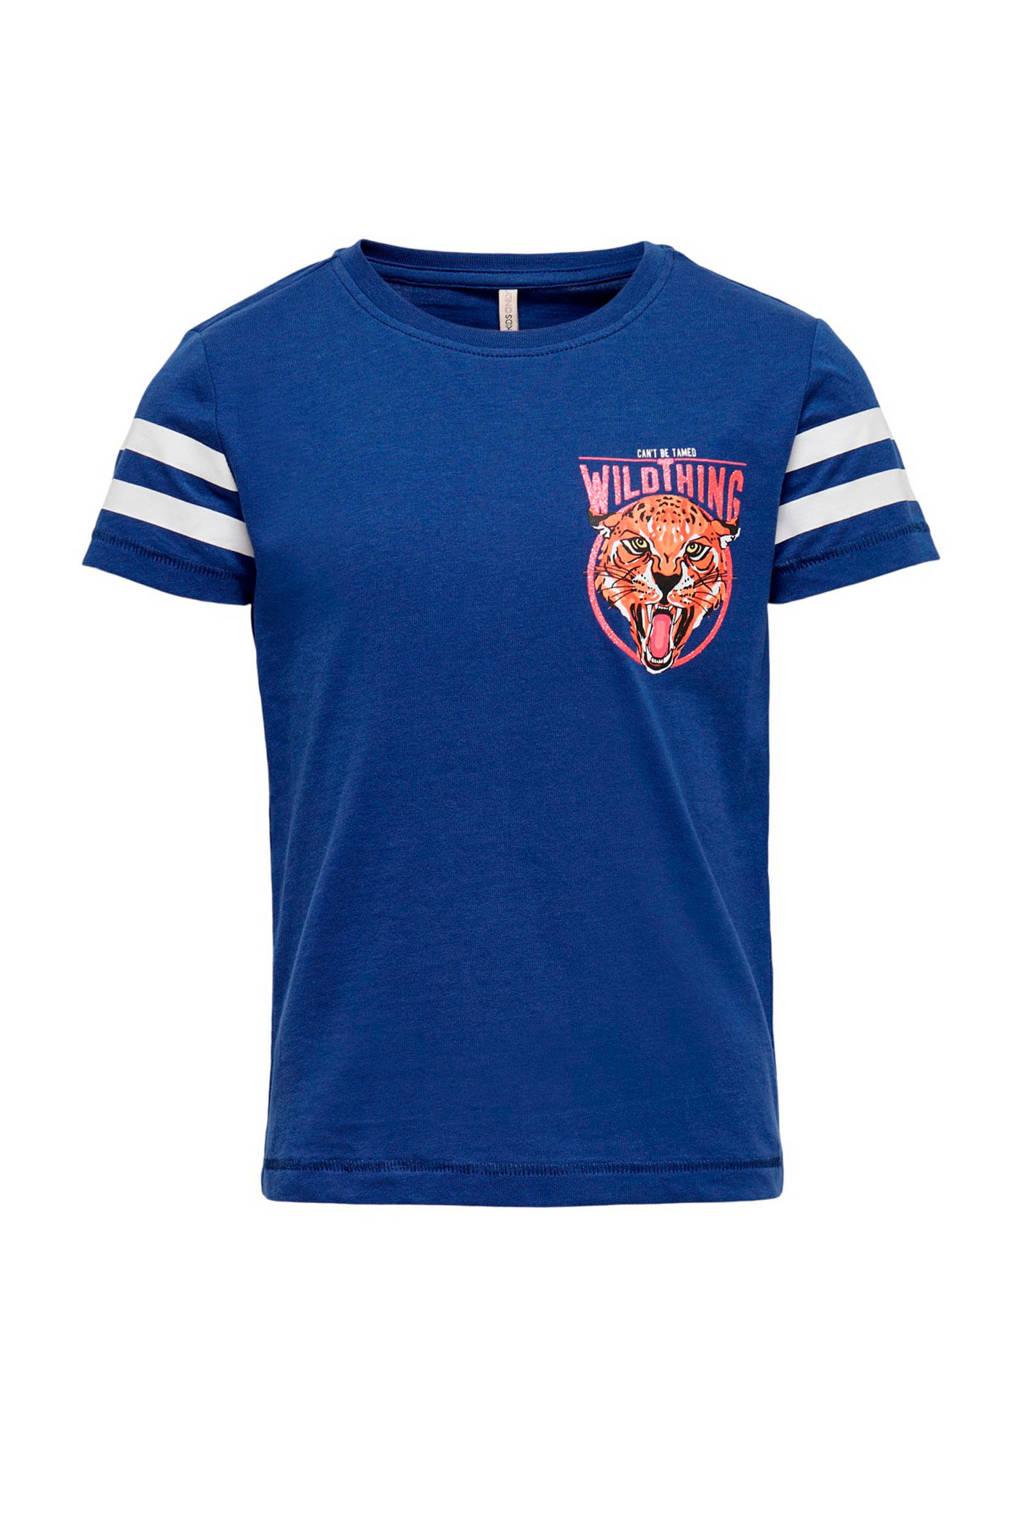 KIDS ONLY T-shirt Lovina met printopdruk en glitters blauw/wit/roze, Blauw/wit/roze